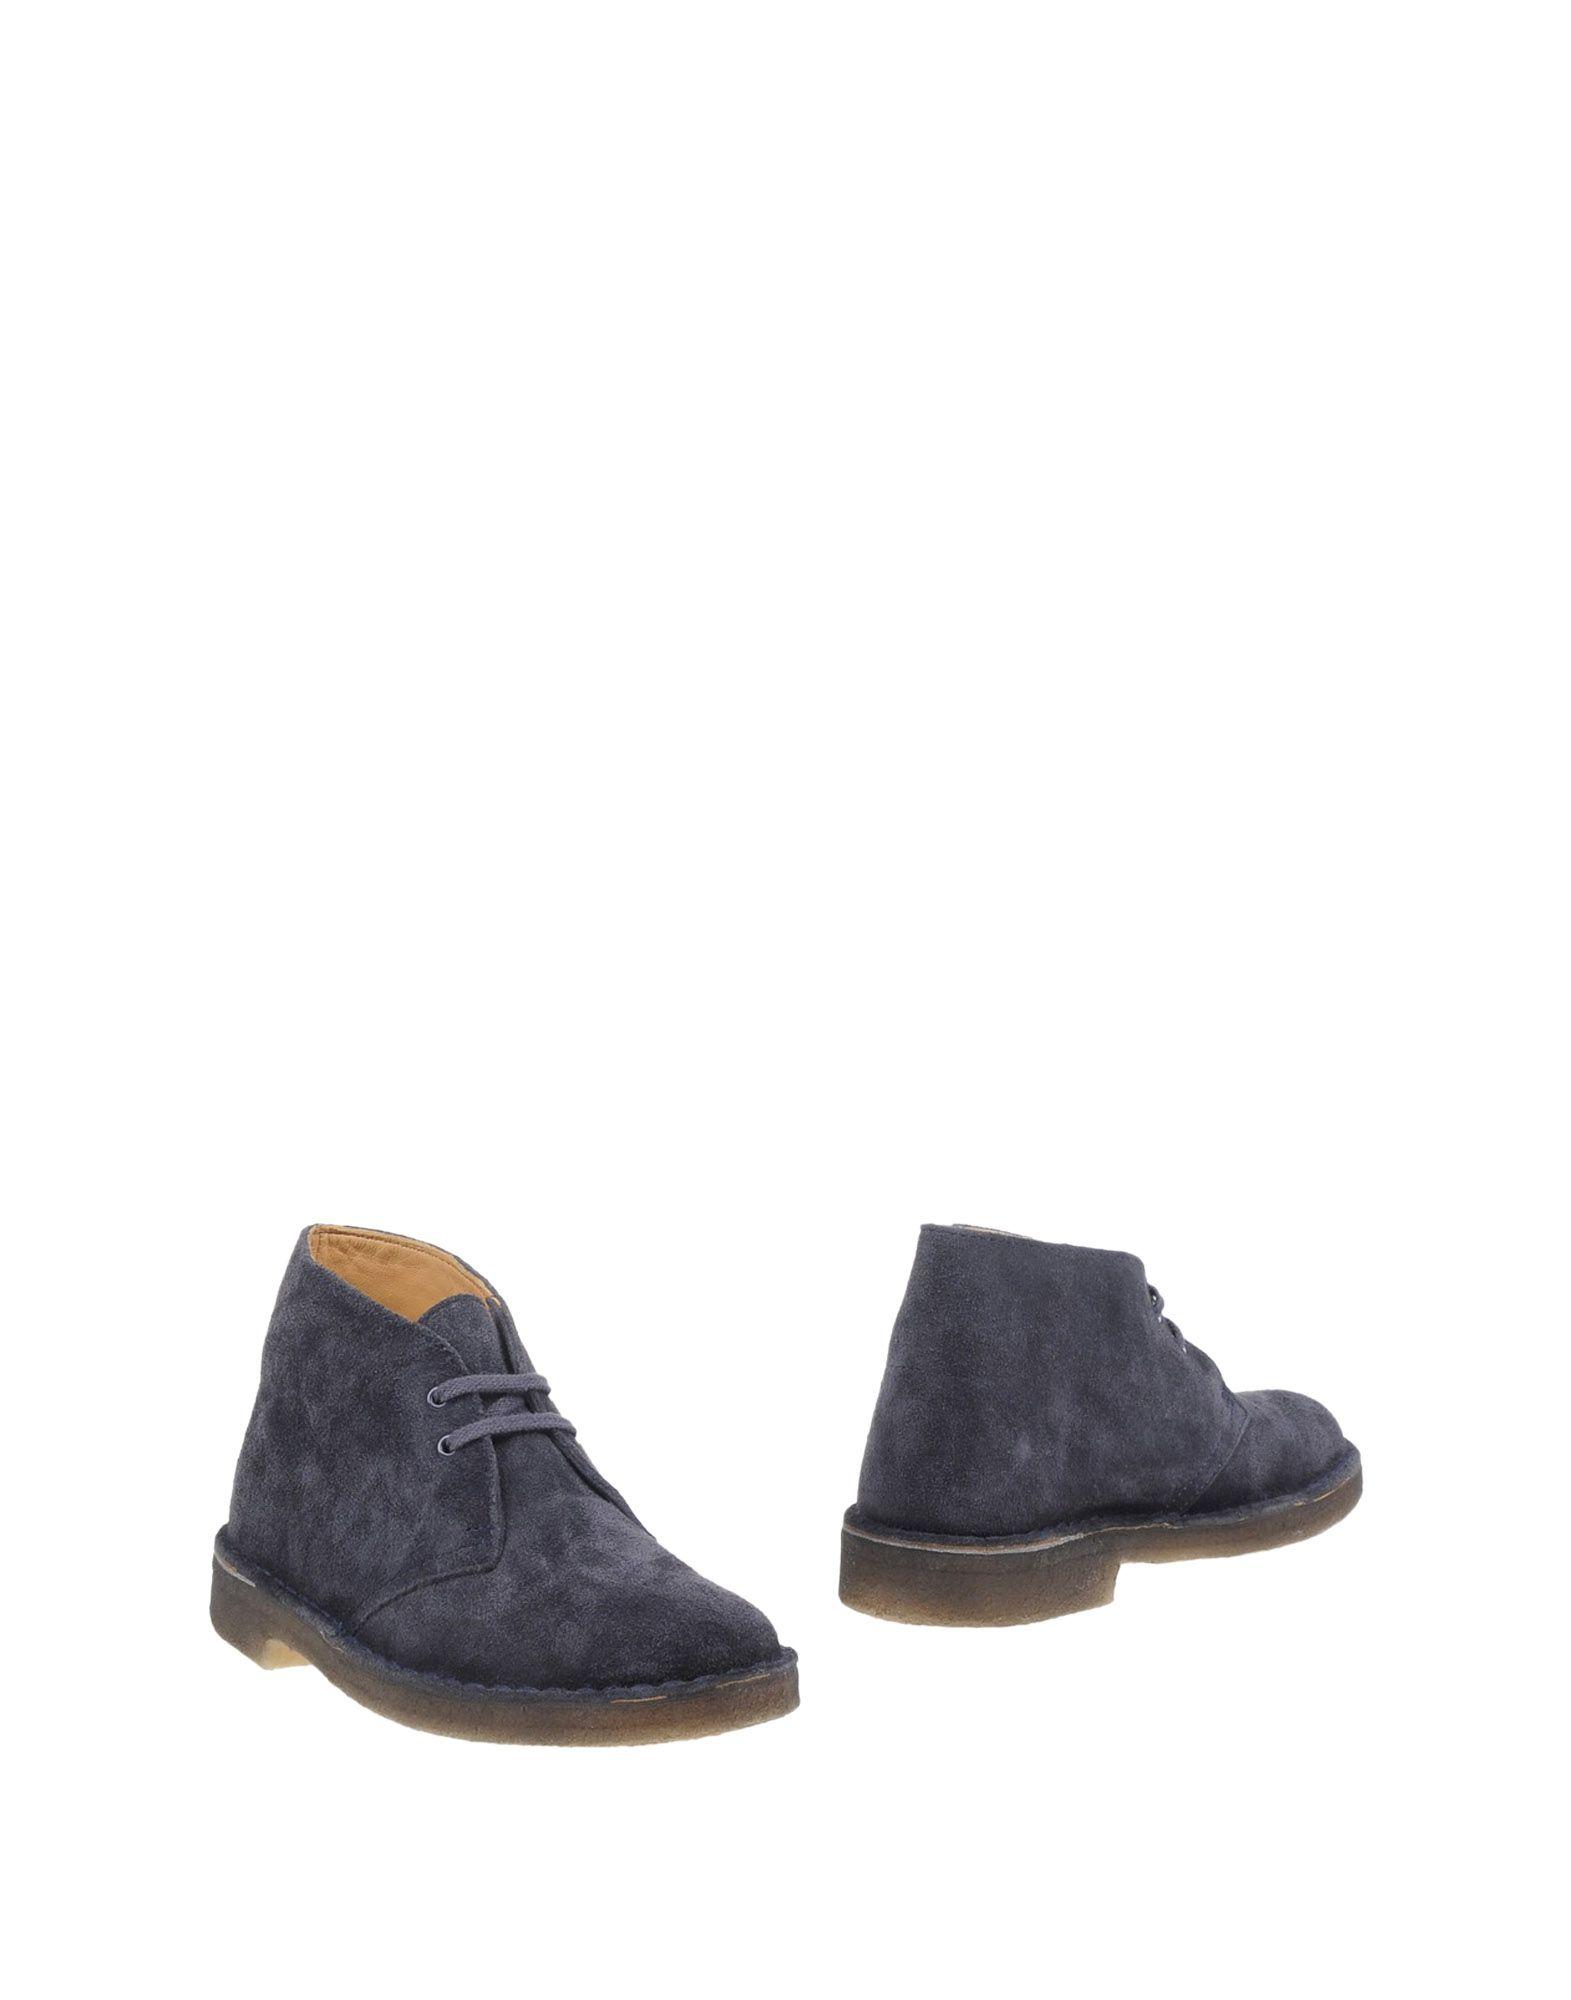 кожаные мужские сандалии купить